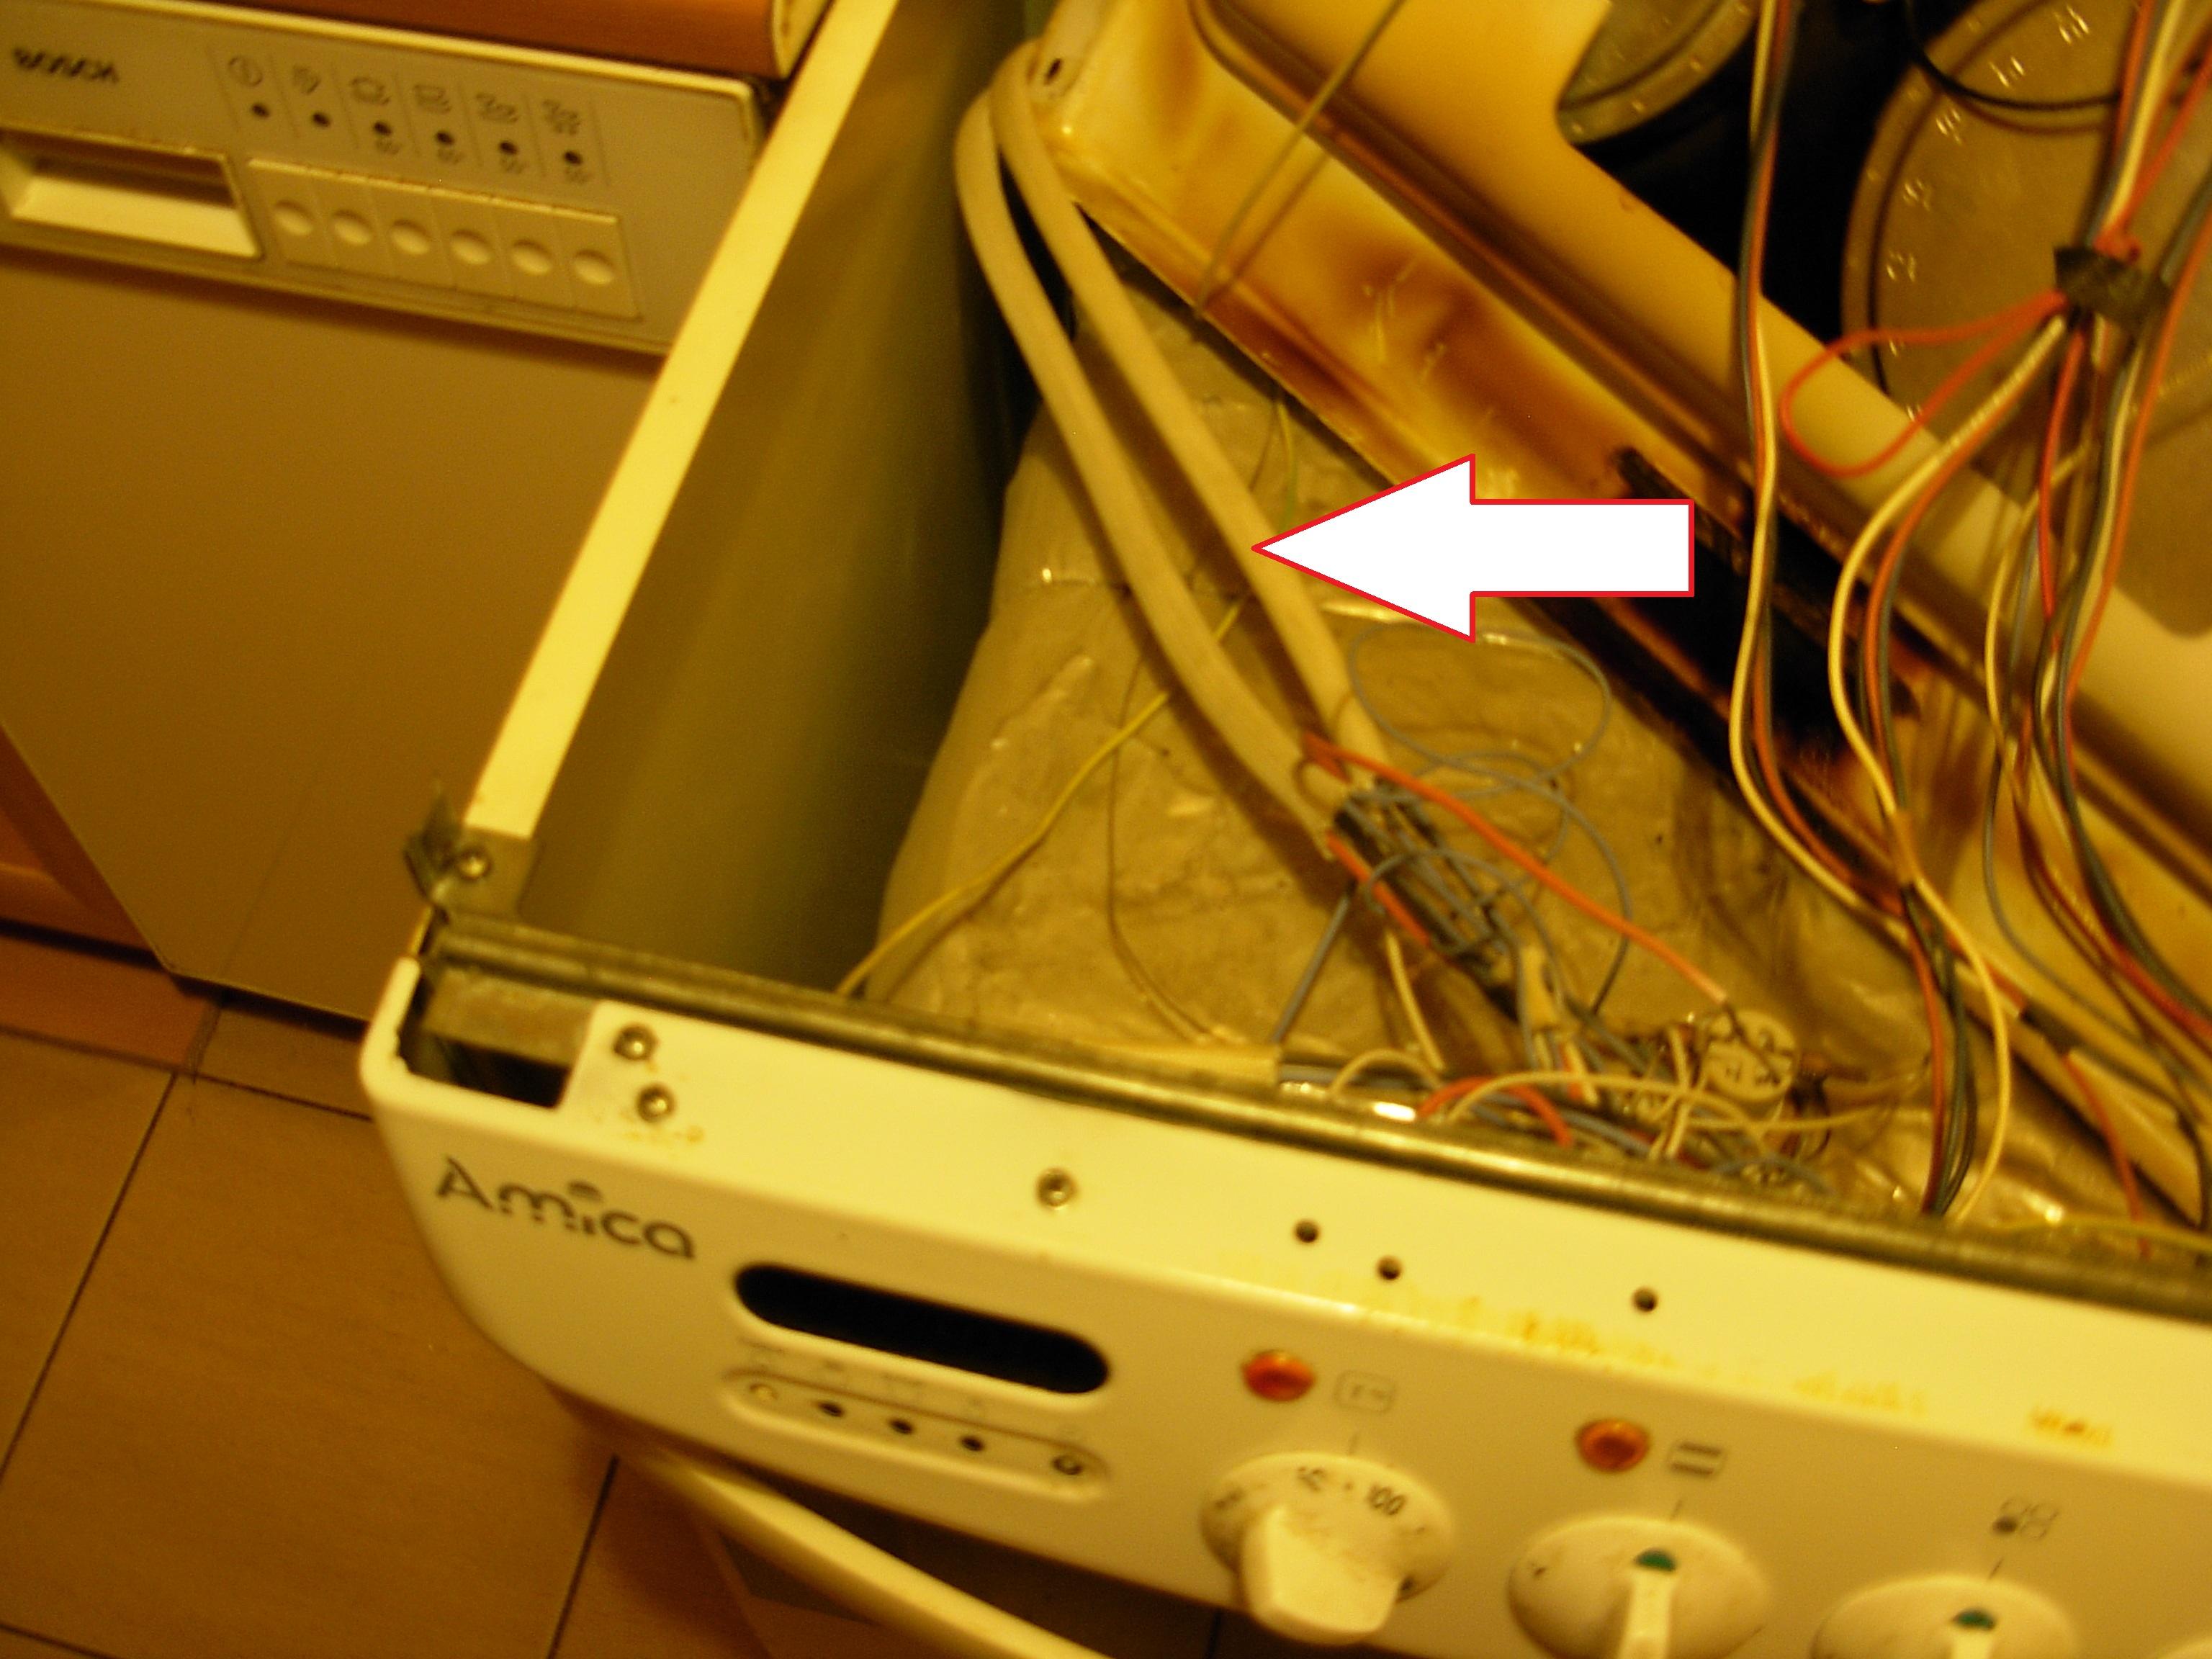 Kuchnia elektryczna Amica C 602 8 Te nie działa piekarnik i wyświetlacz -> Kuchnia Amica Nie Dziala Piekarnik